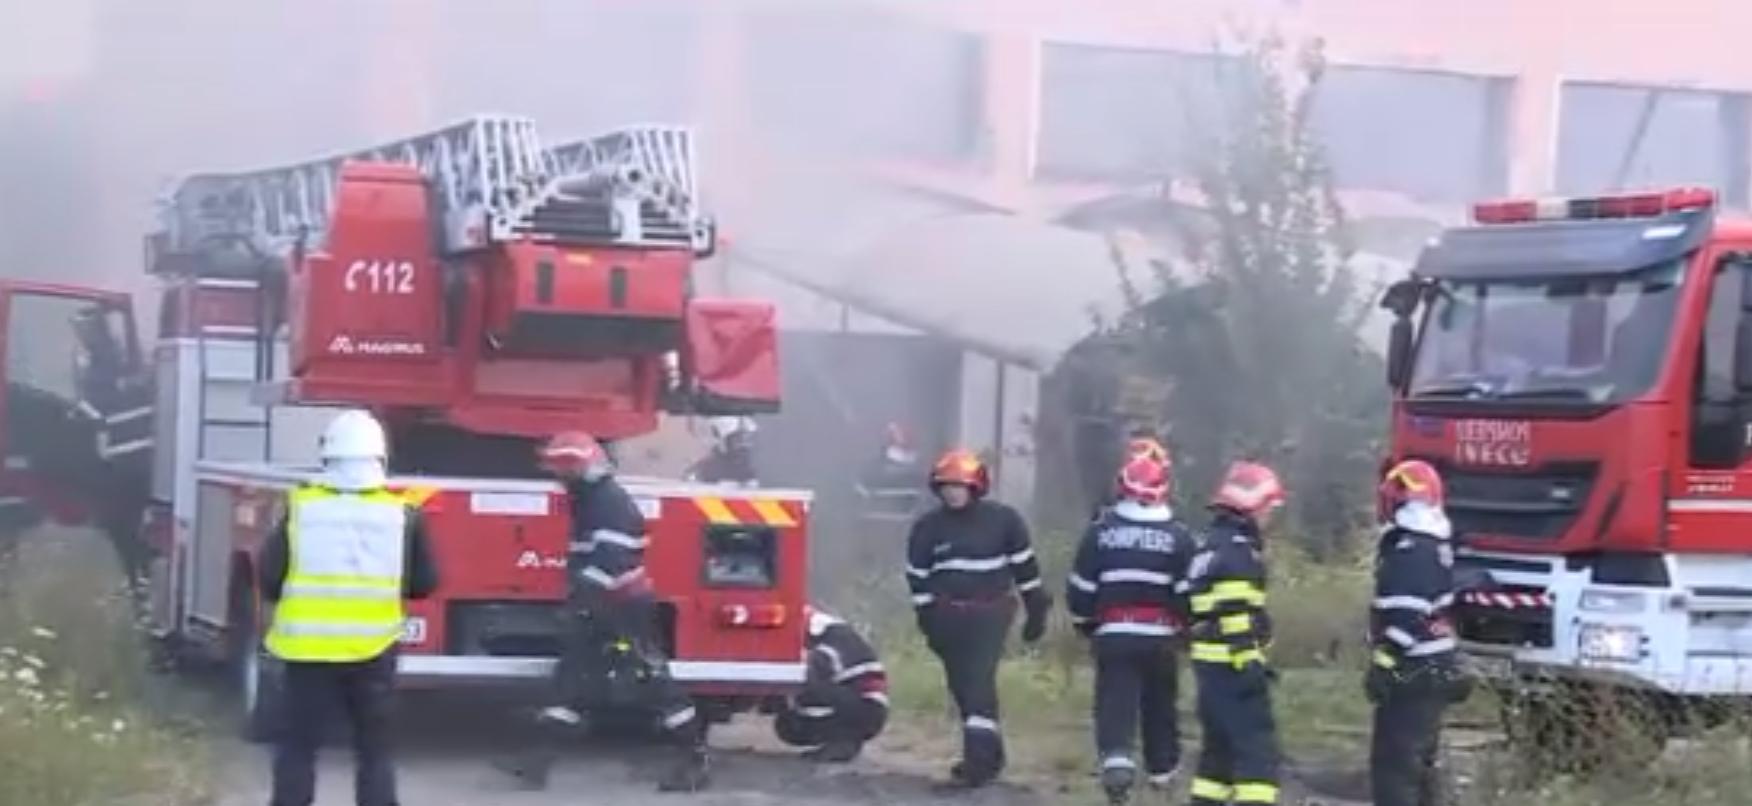 Incendiu violent la un centru comercial aflat pe DN1 în apropiere de Corbeanca. Flăcările s-au văzut de la kilometri distanță